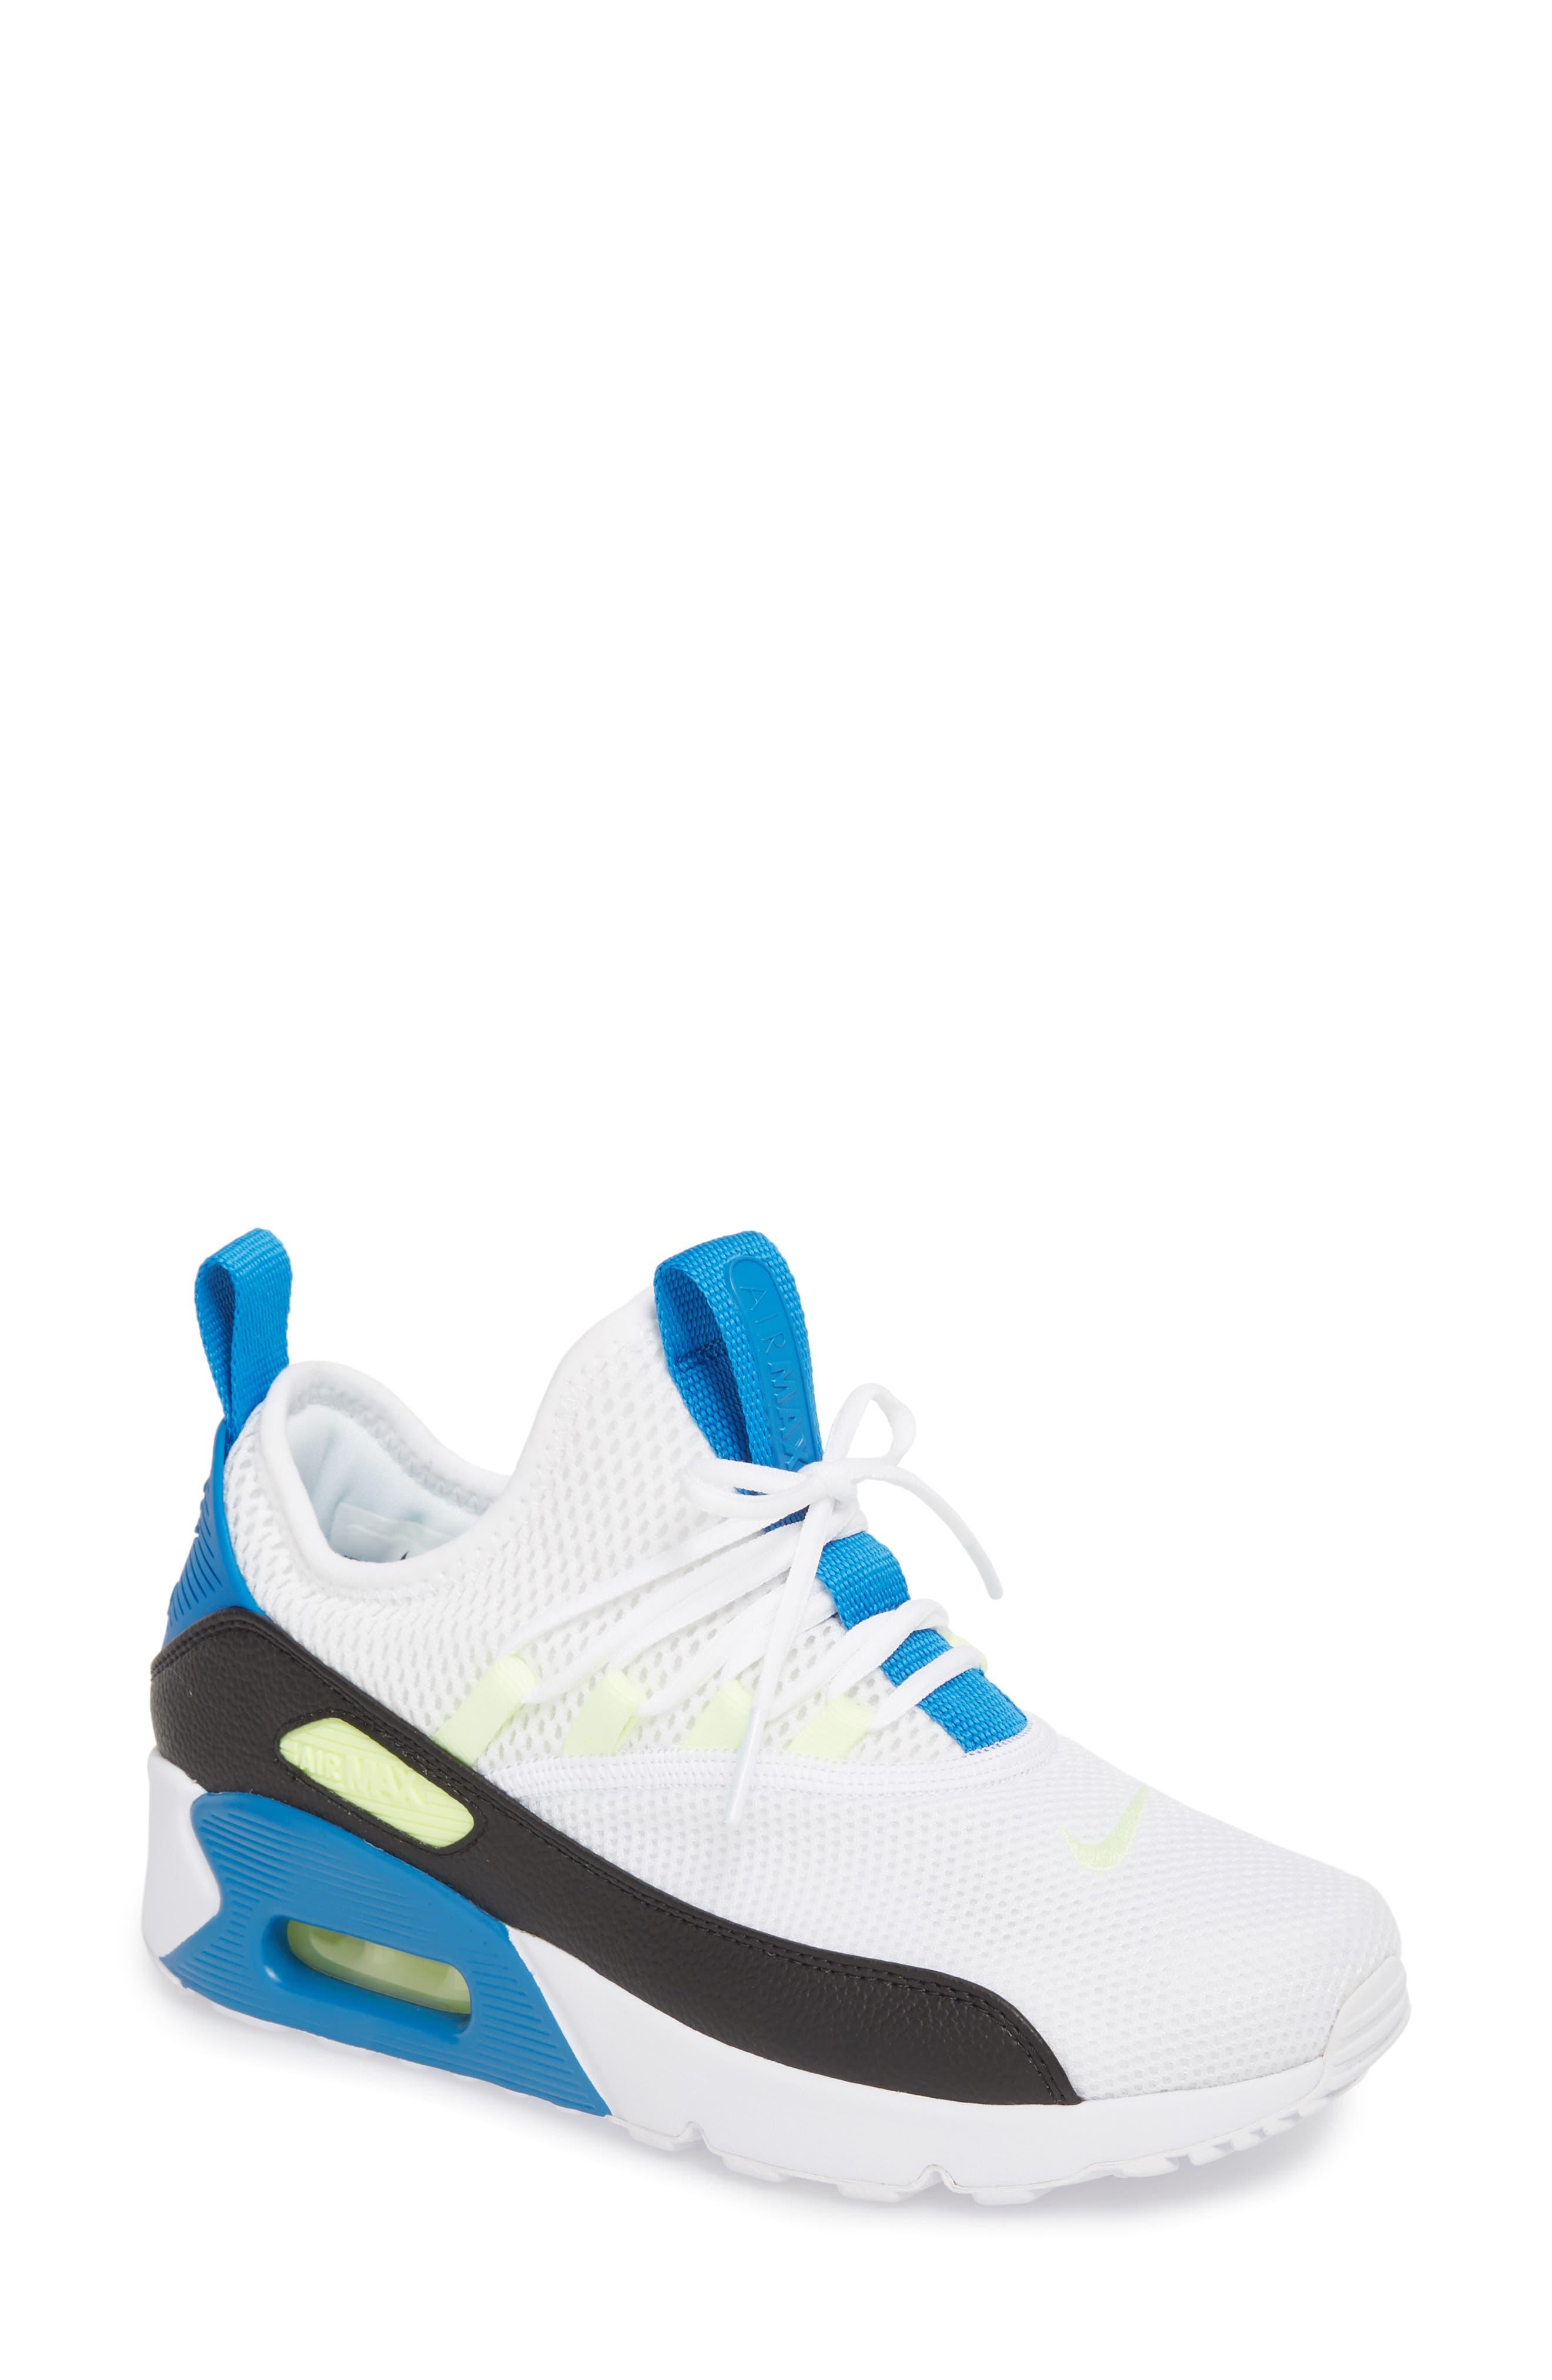 Air Max 90 EZ Sneaker,                         Main,                         color, 102